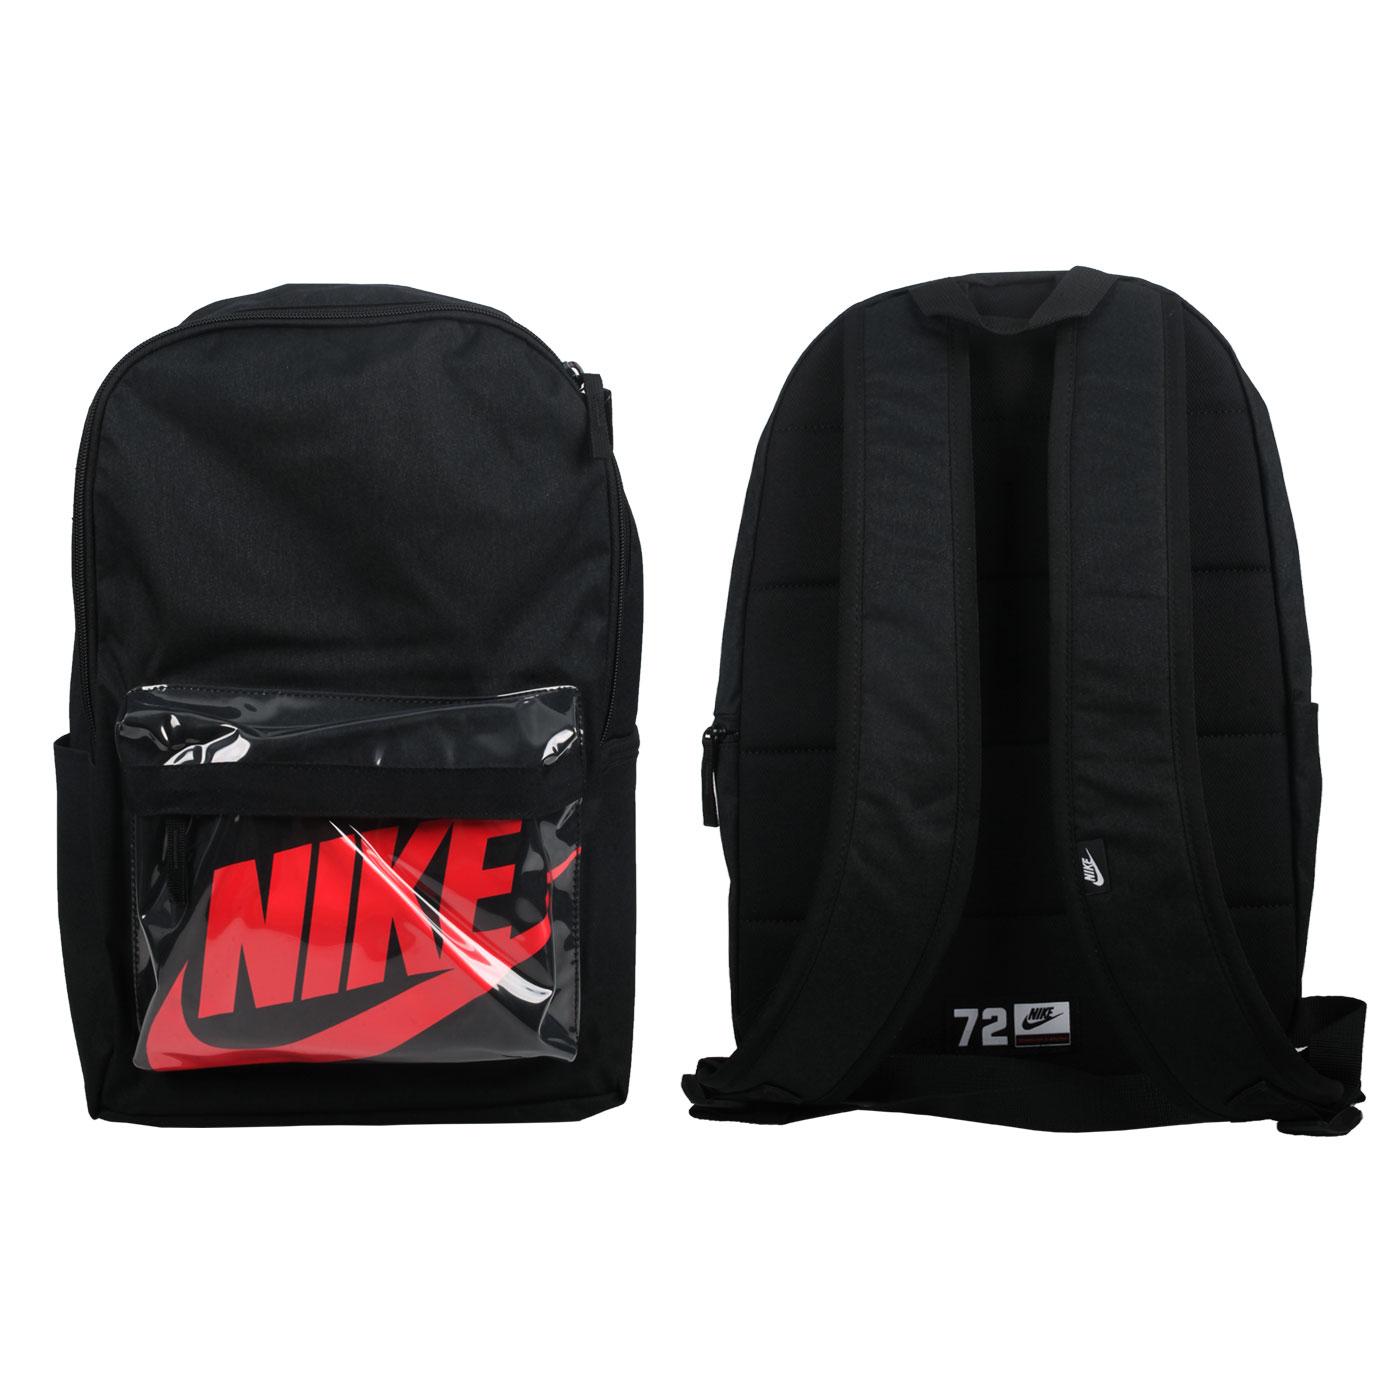 NIKE 大型後背包 BA6175-010 - 黑紅